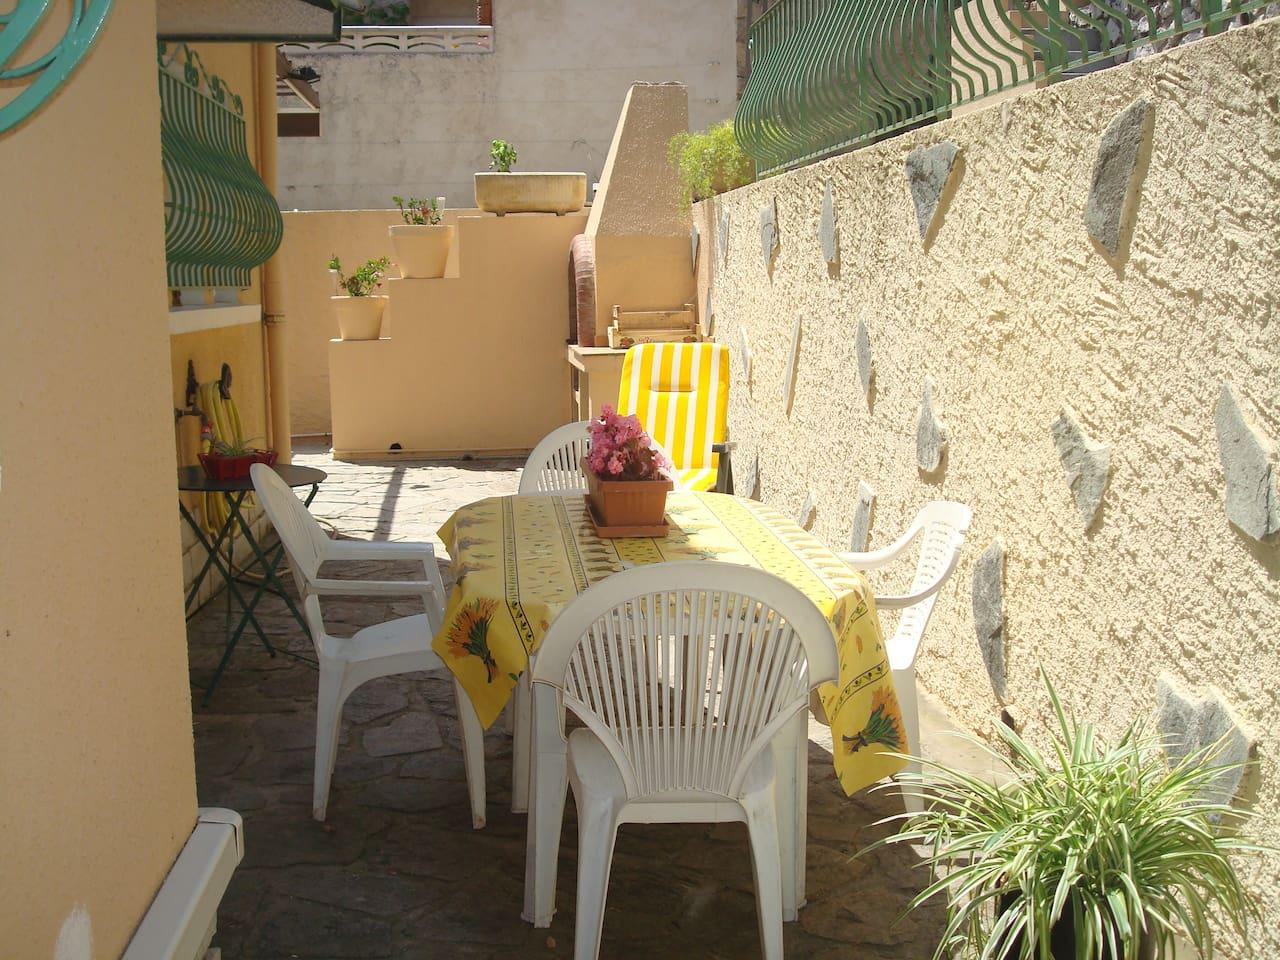 Une terrasse a l abri des regards d environ 15m2 avec mobilier de jardin et barbecue